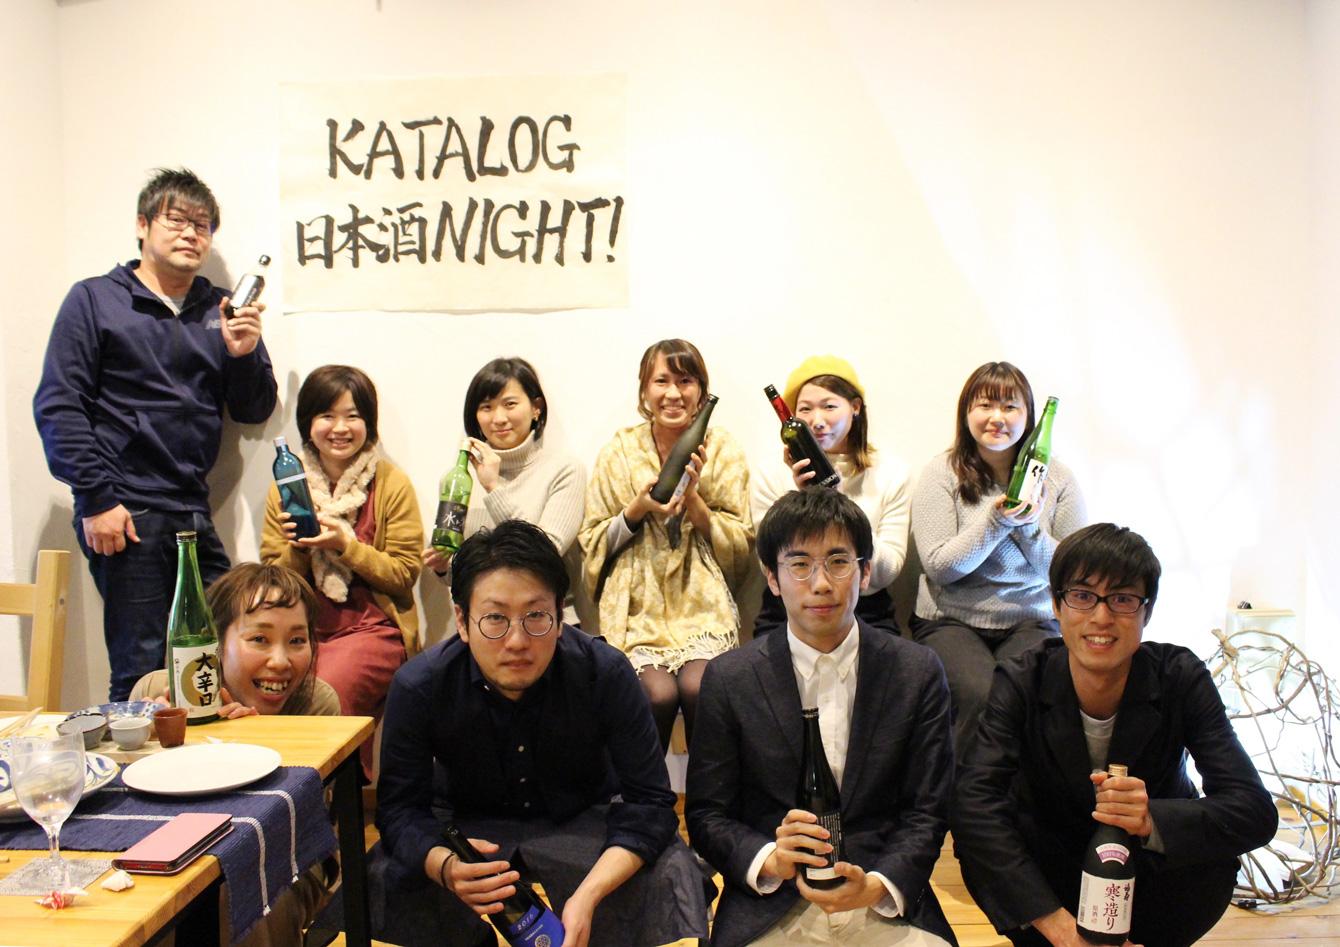 お気に入りの日本酒を持って記念撮影。